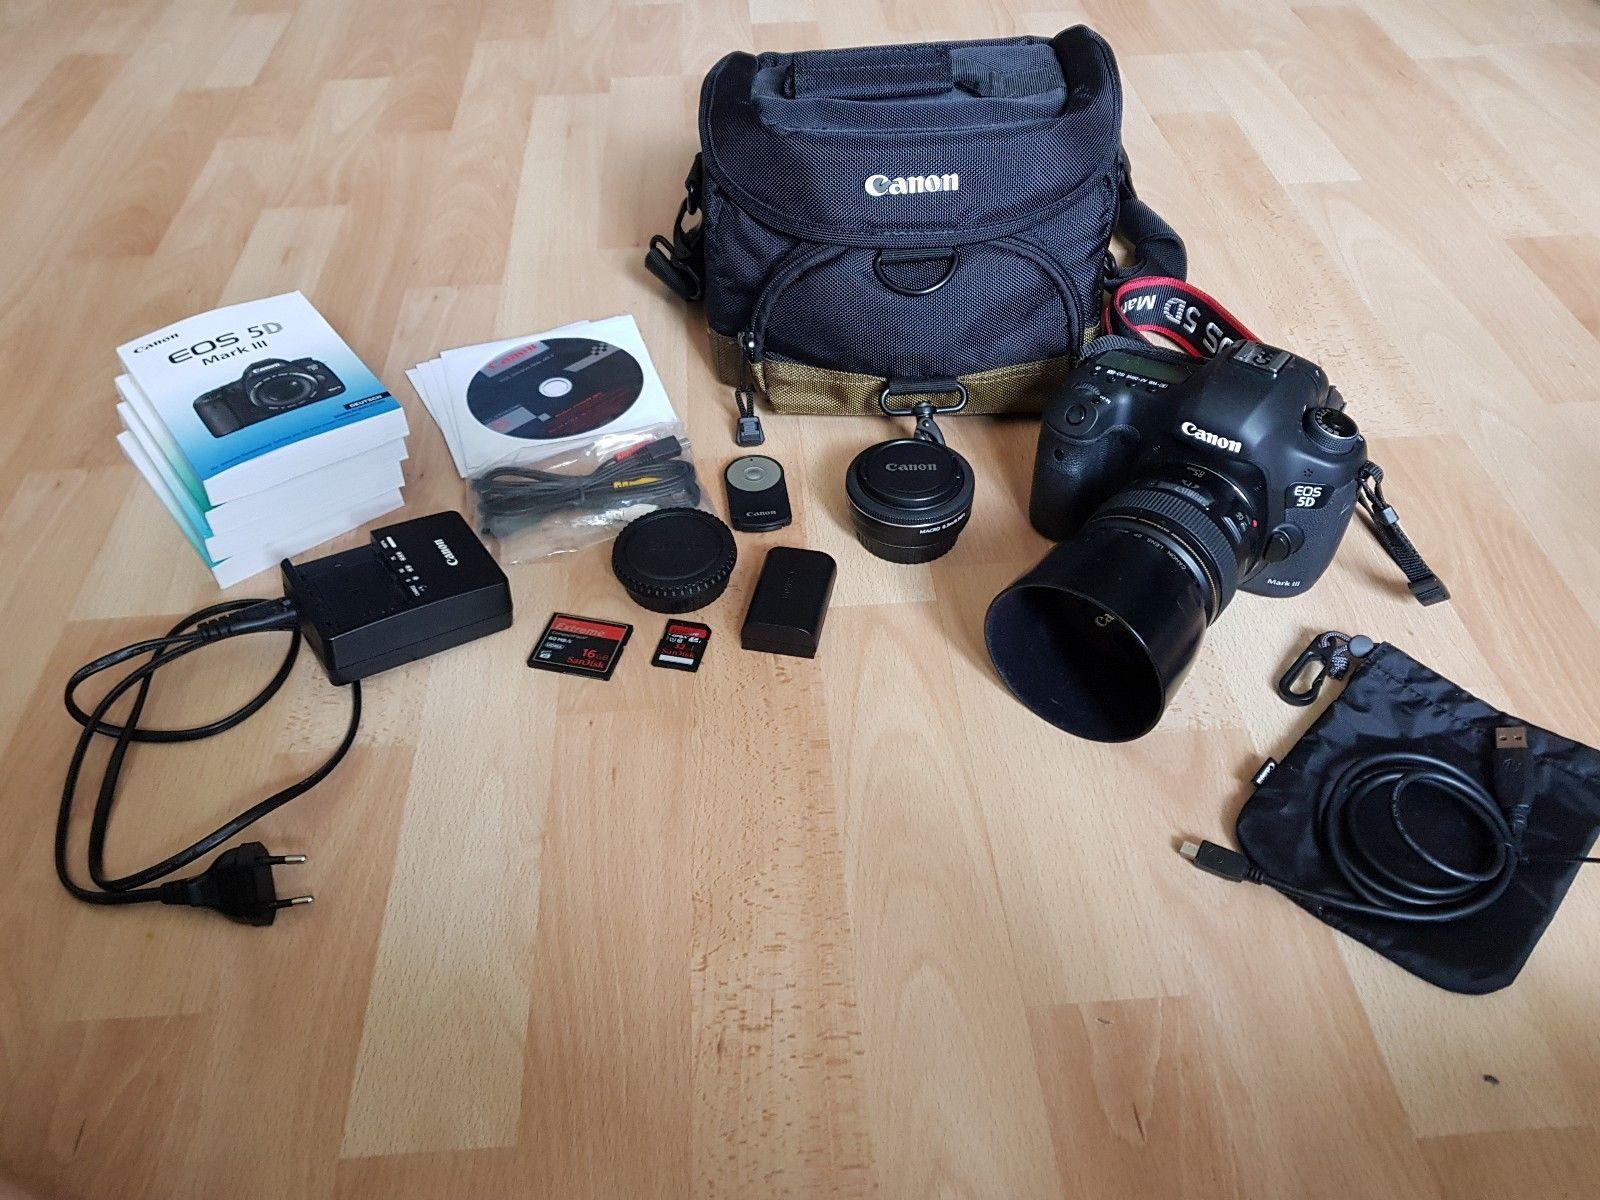 Canon EOS 5D Mark III Gehäuse + Objektive +Zubehörpaket (siehe Beschreibung)